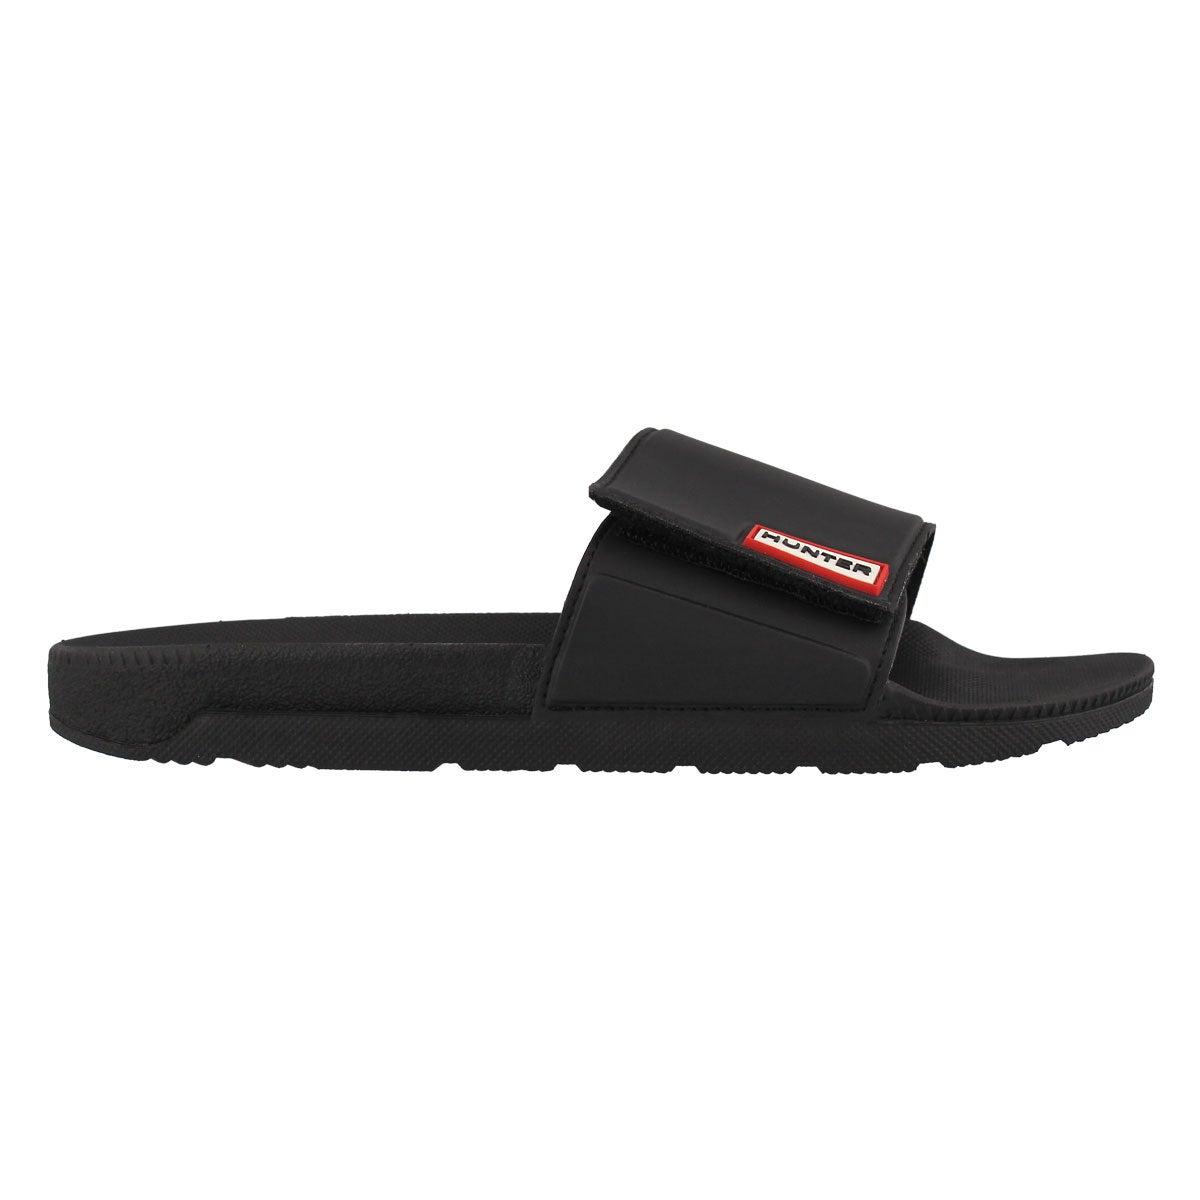 Lds Original Adj. Slide black sandal